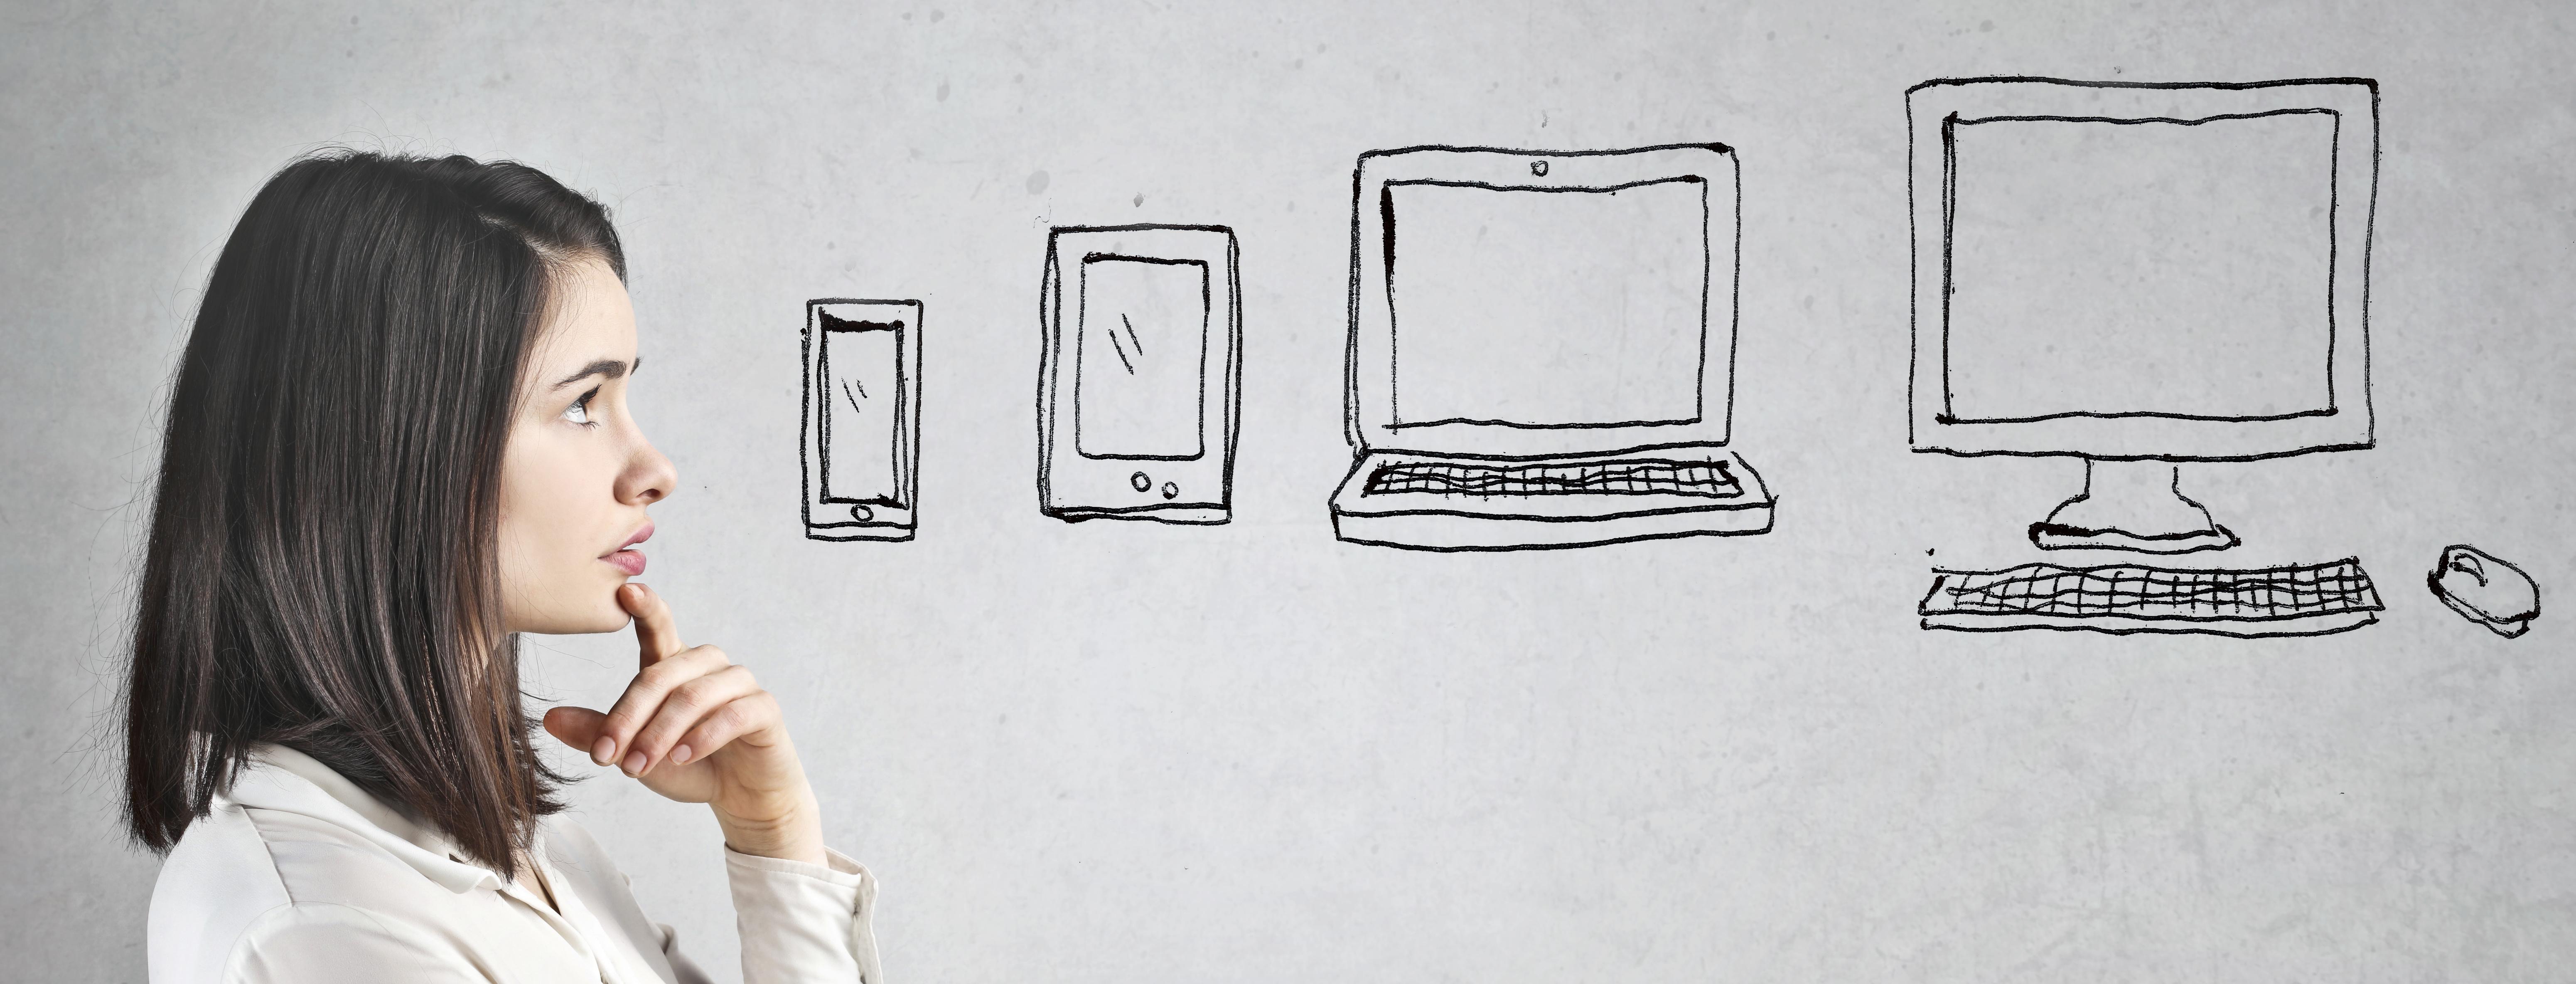 Symbolbild Frau denkt über verschiedene Ausgabegeräte wie Tablet, Smartphone oder Computer nach.